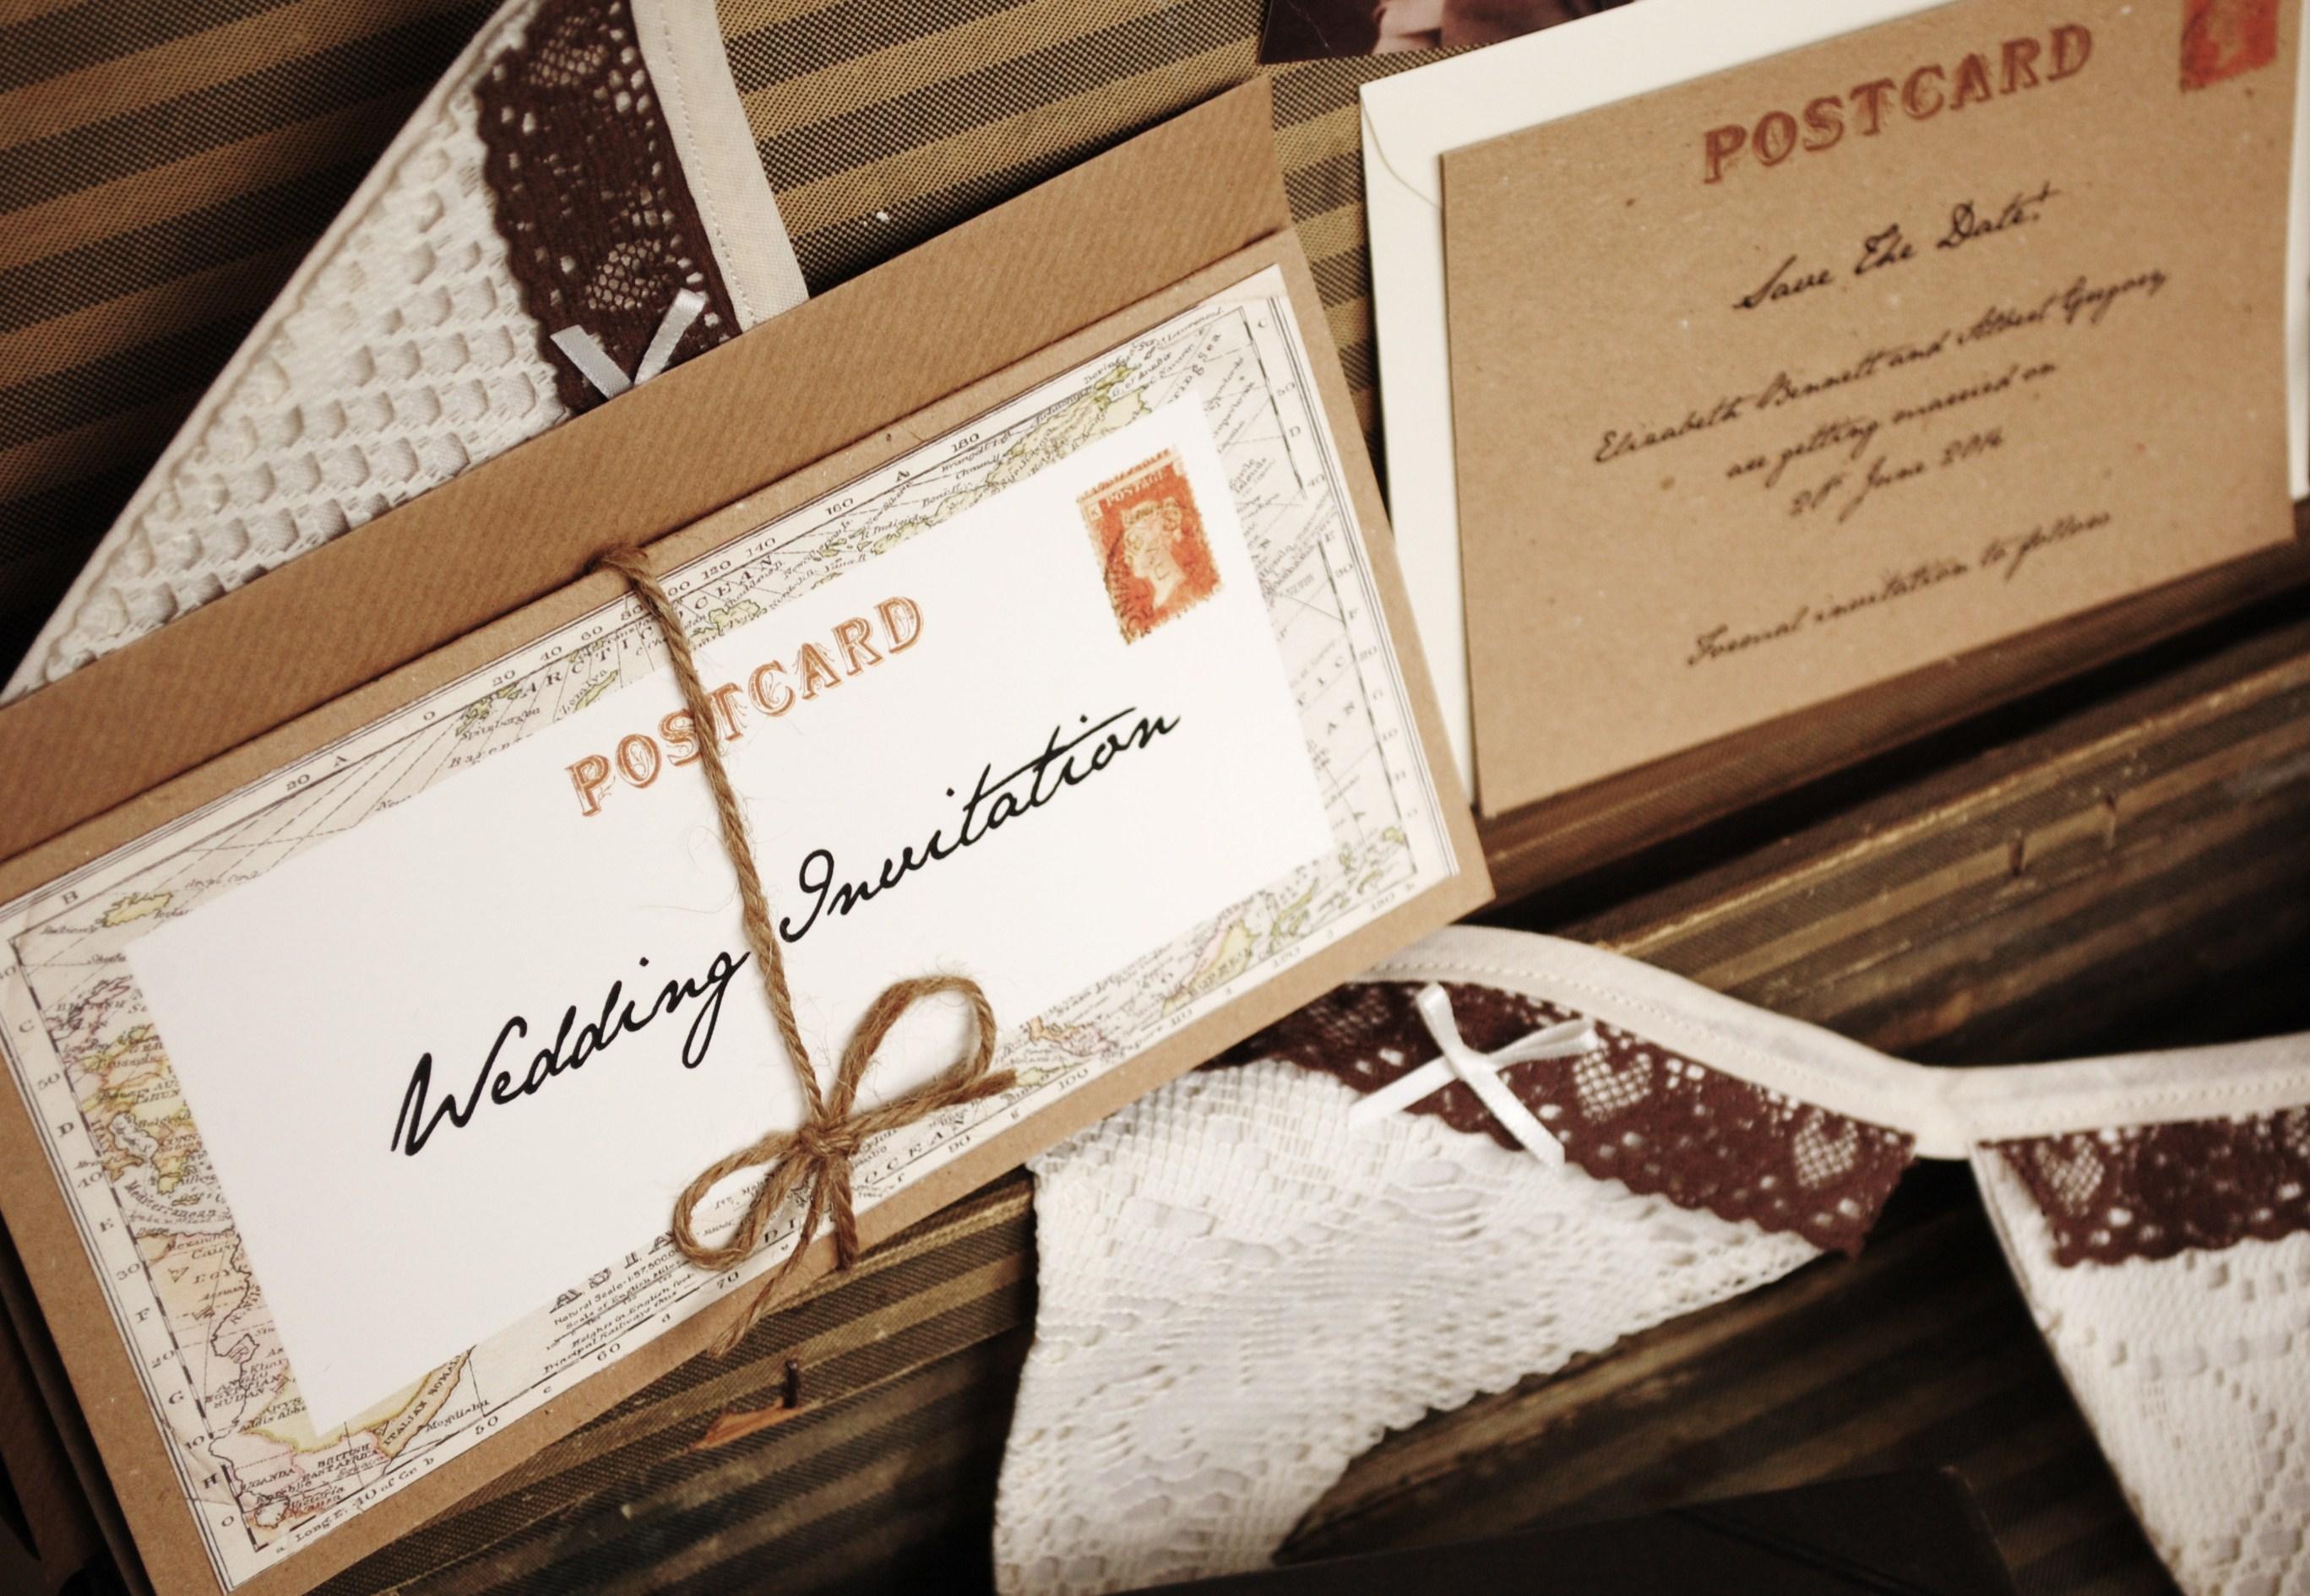 Vintage-Travel-Wedding-Invitation - WeddingDates.co.uk Blog